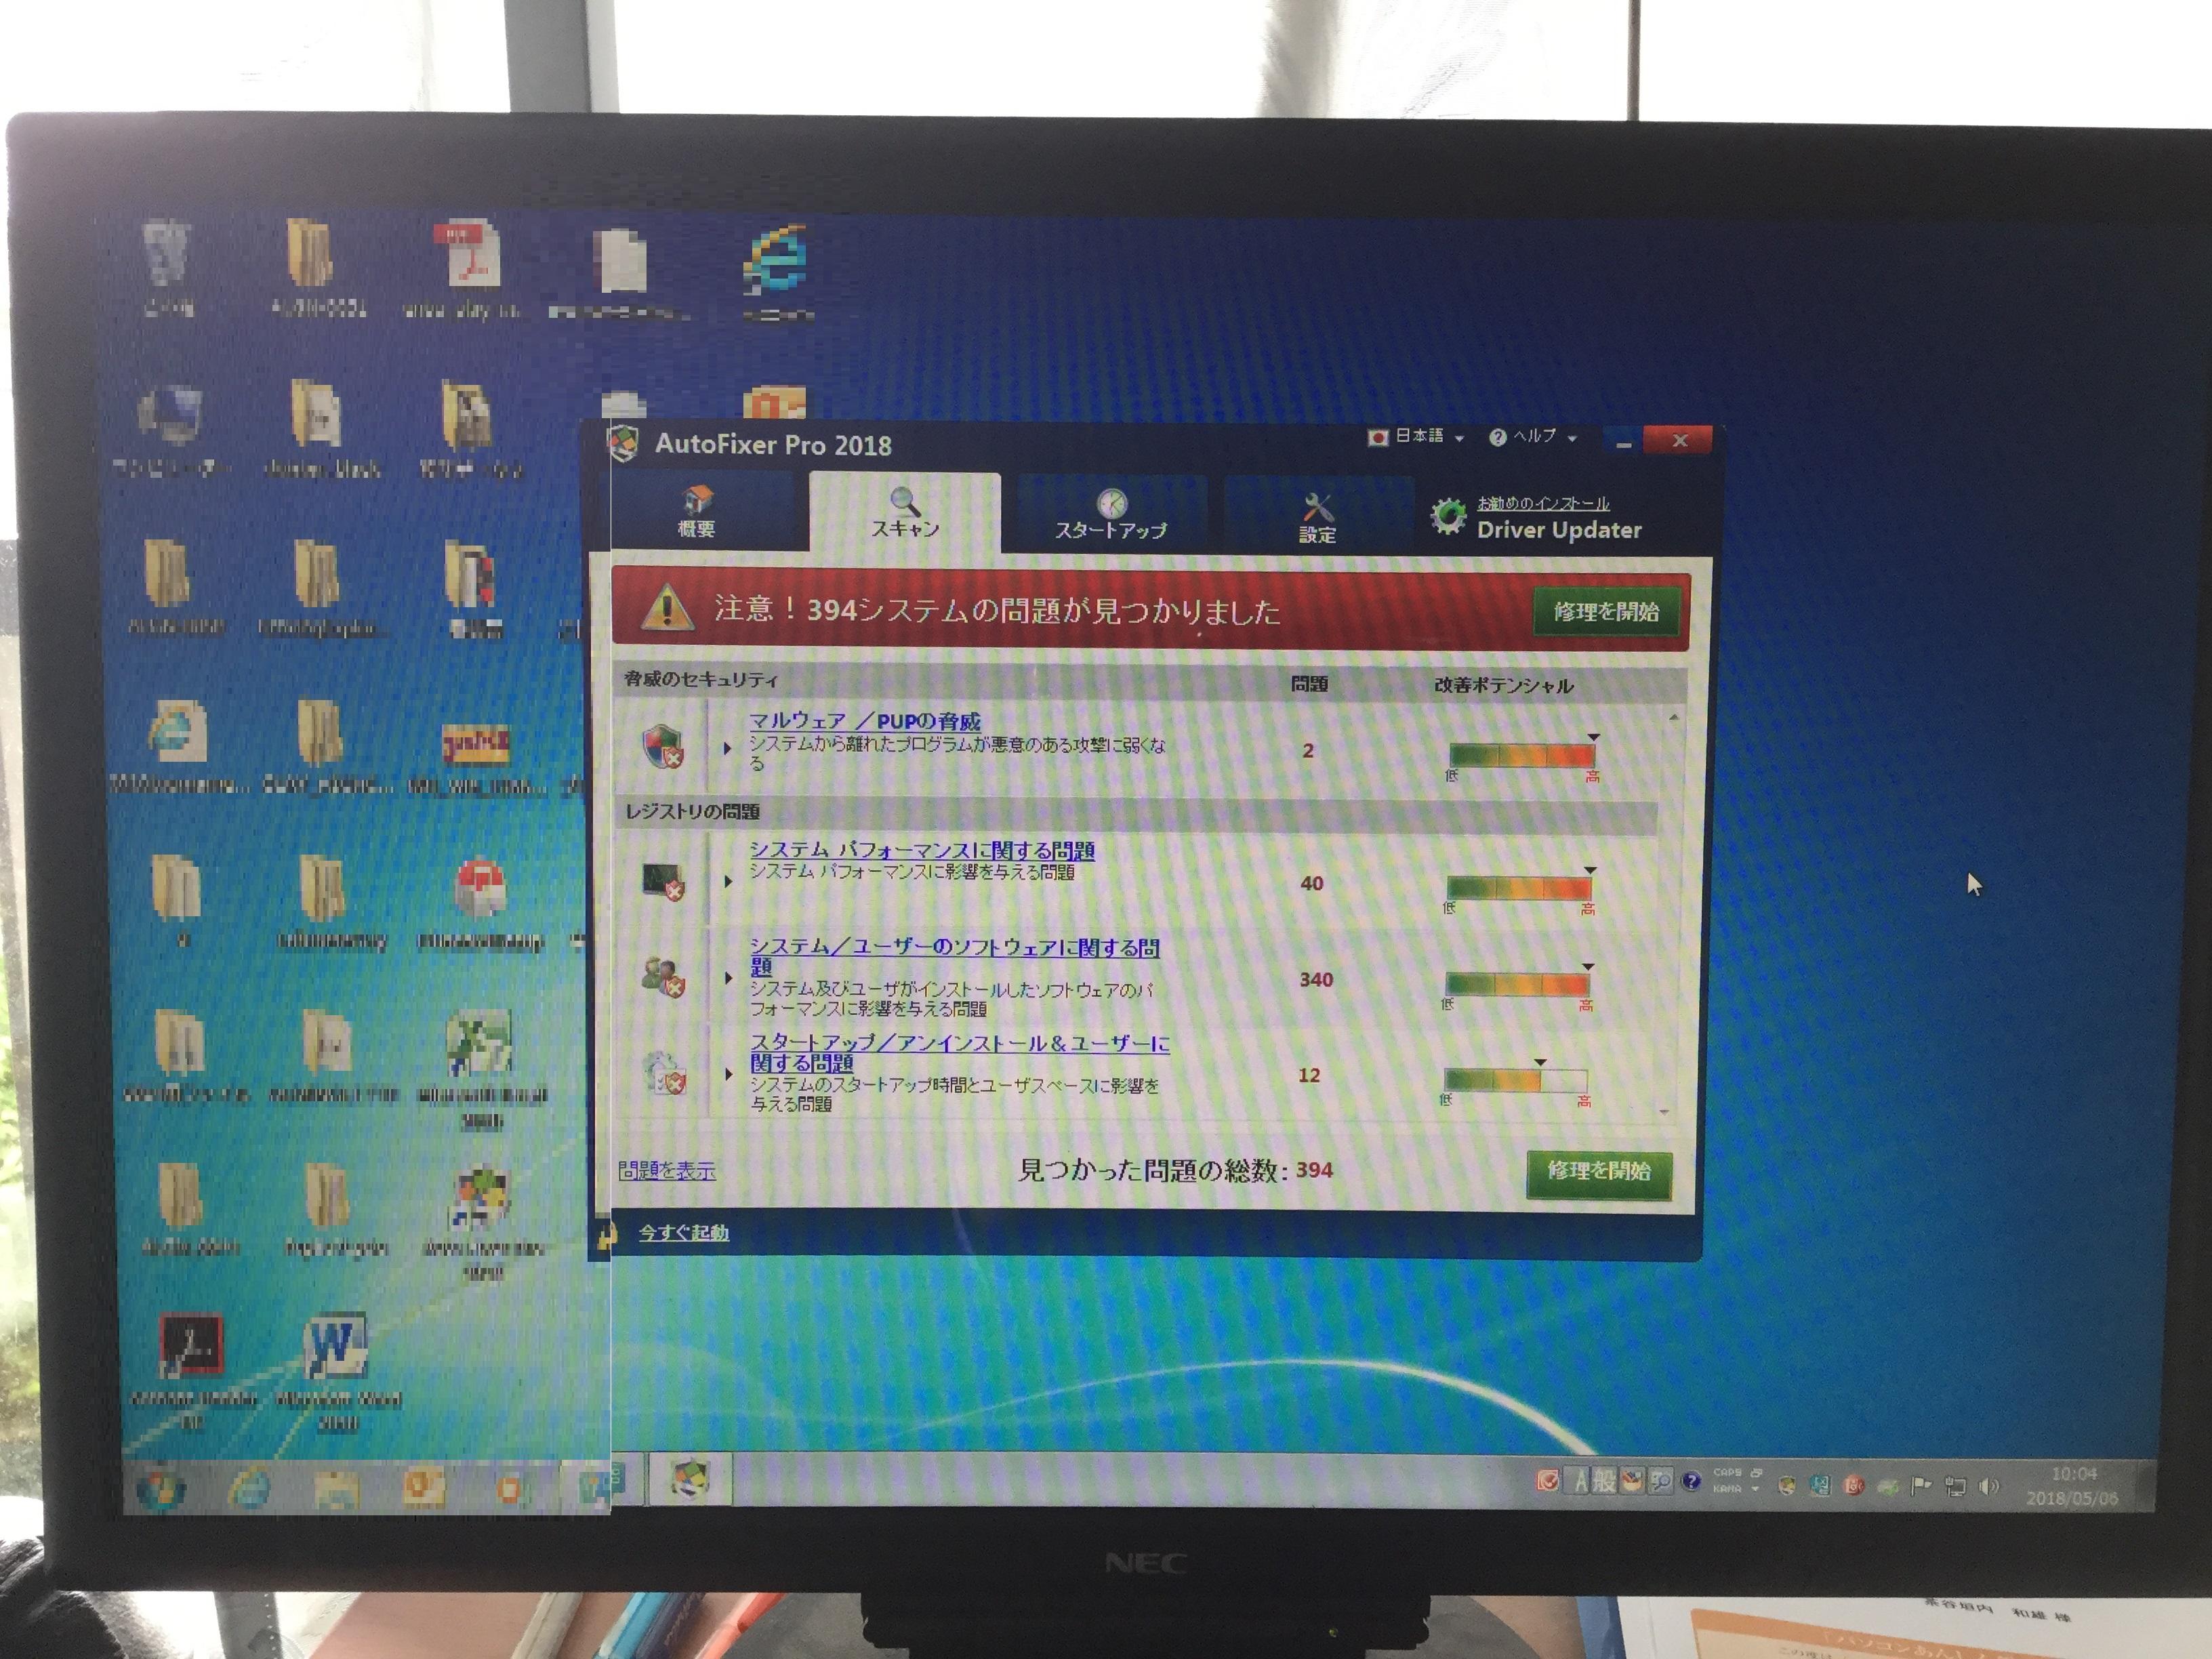 兵庫県神戸市 システムエラーが表示される/レノボ Windows 7のイメージ